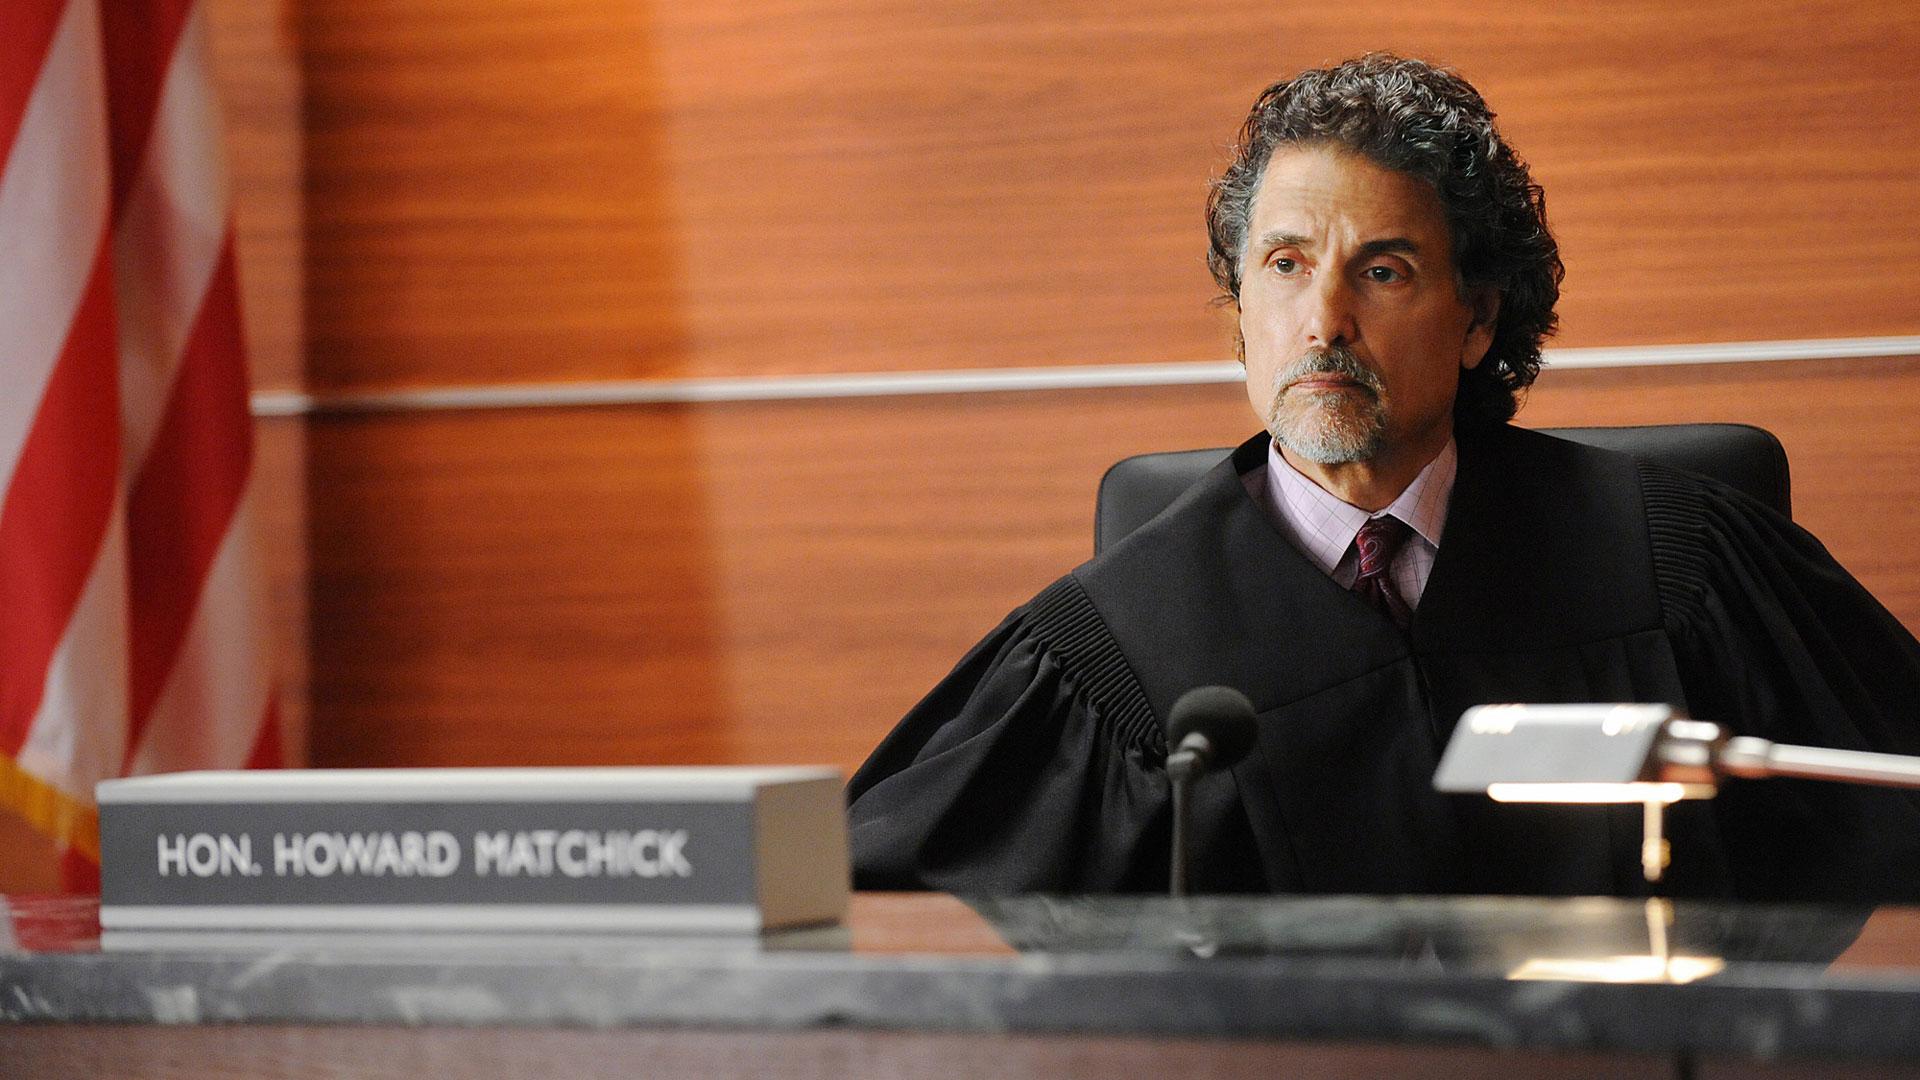 Judge Howard Matchick (Chris Sarandon)